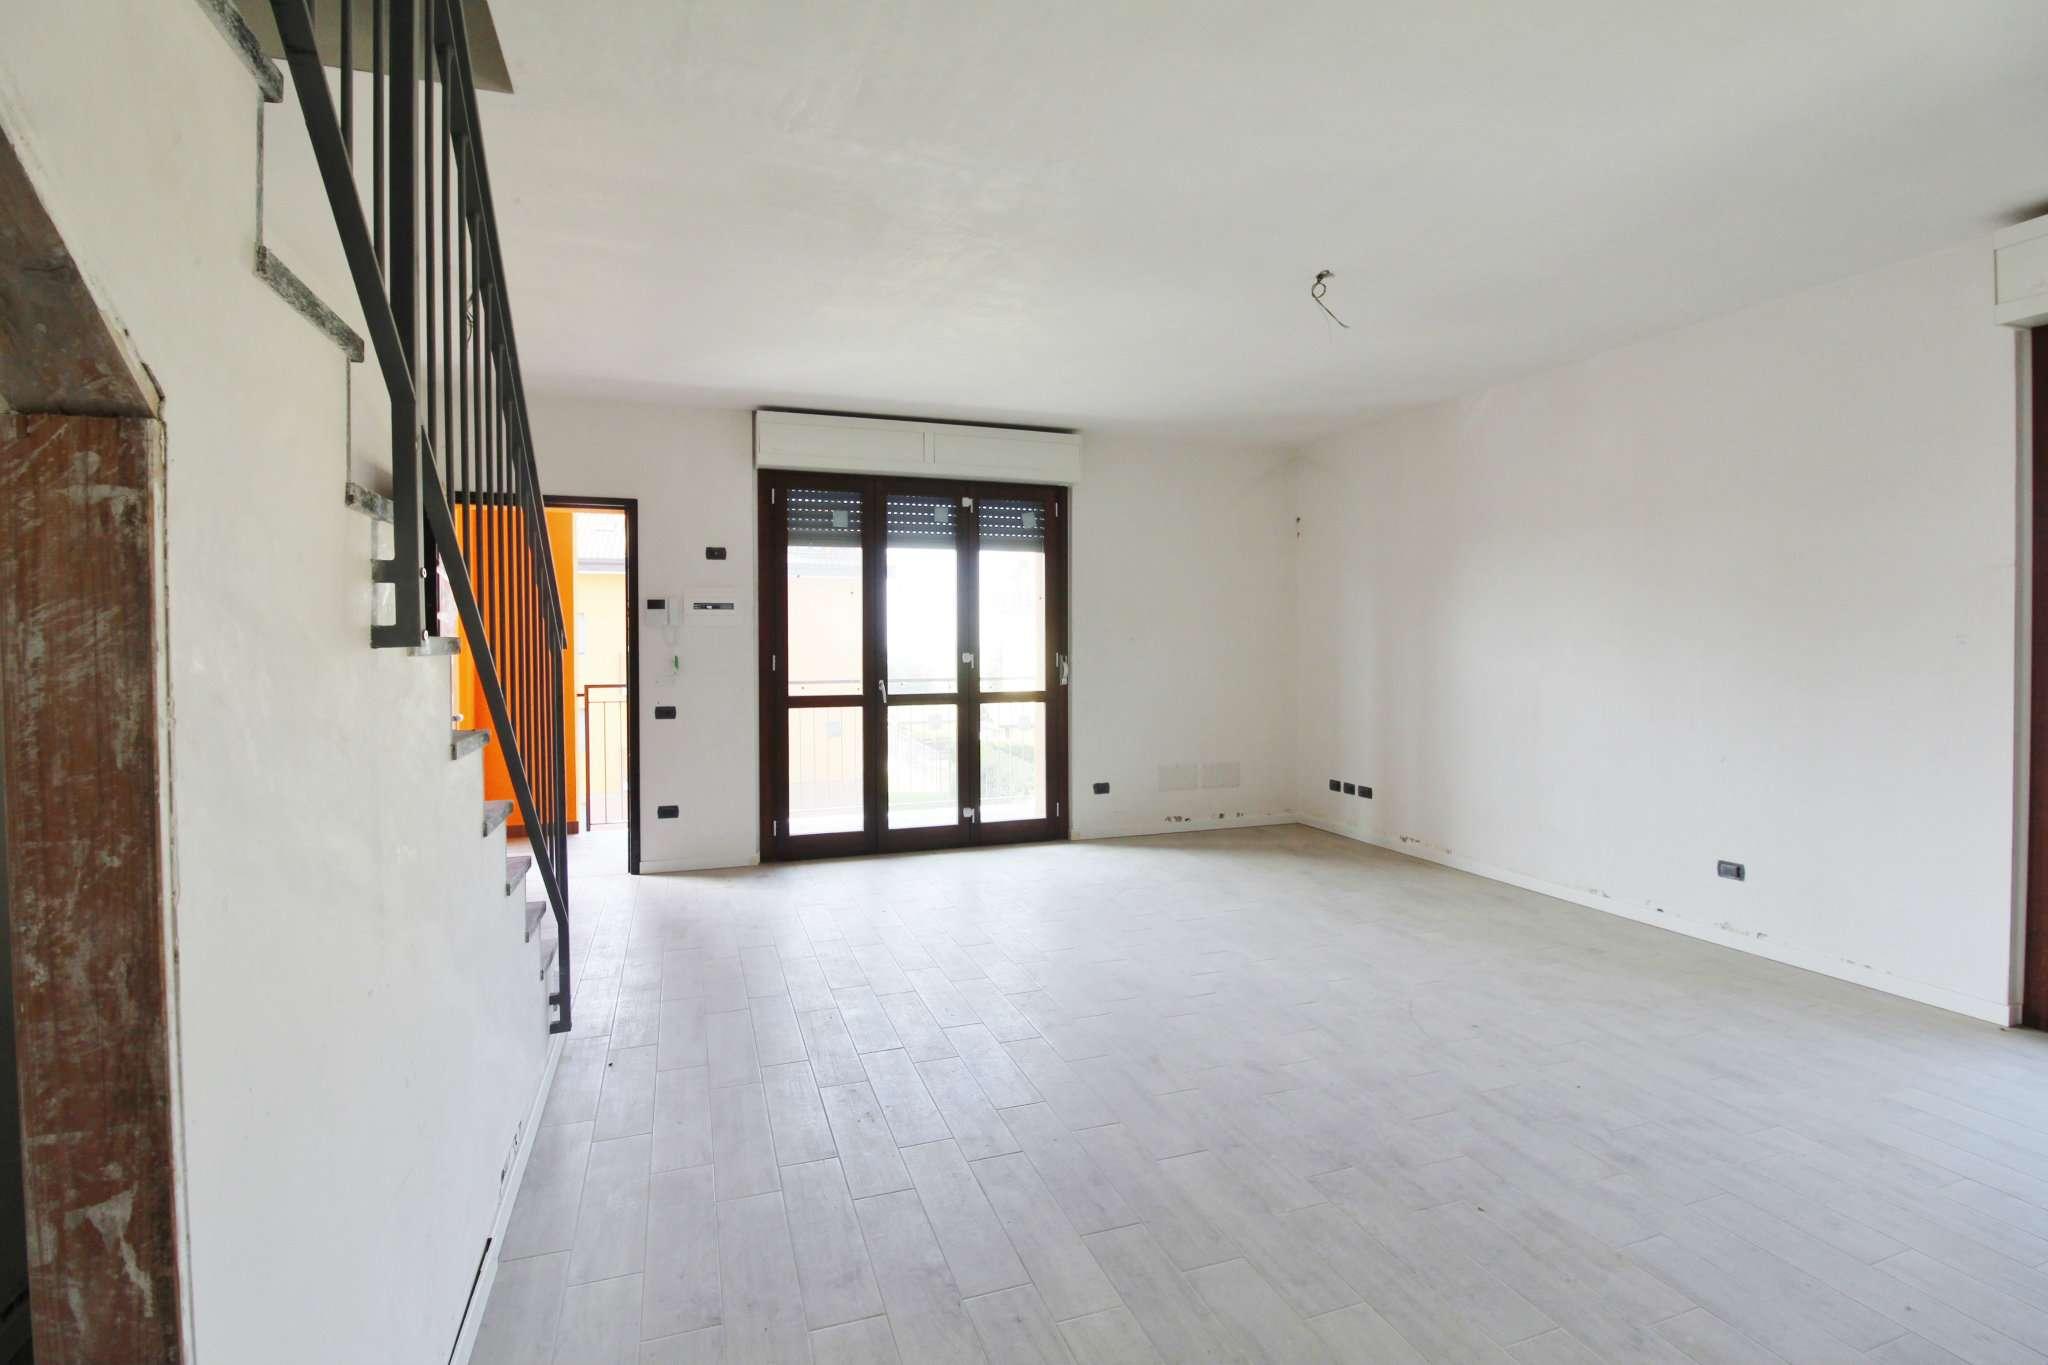 Appartamento in vendita a Mezzago, 3 locali, prezzo € 224.000 | CambioCasa.it